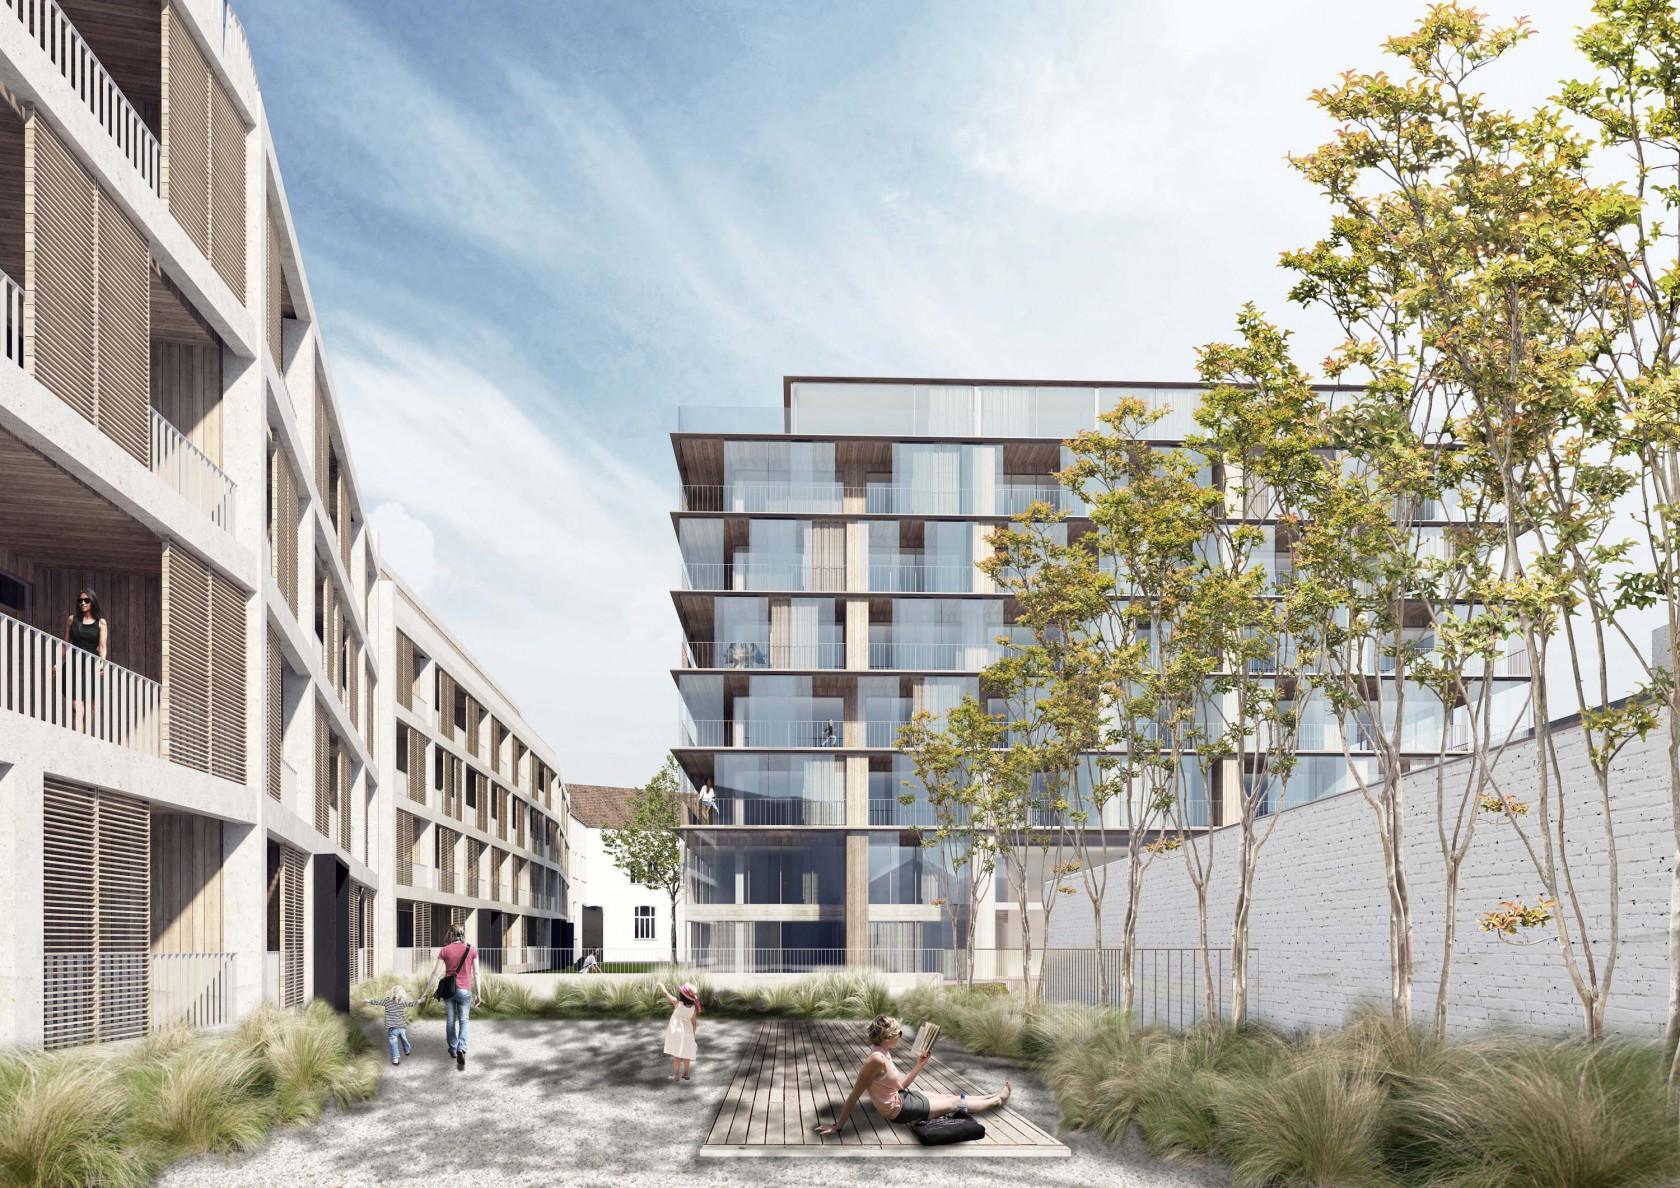 Abscis Architecten - Nieuwe stedelijkheid = compacte, groene en intense stad